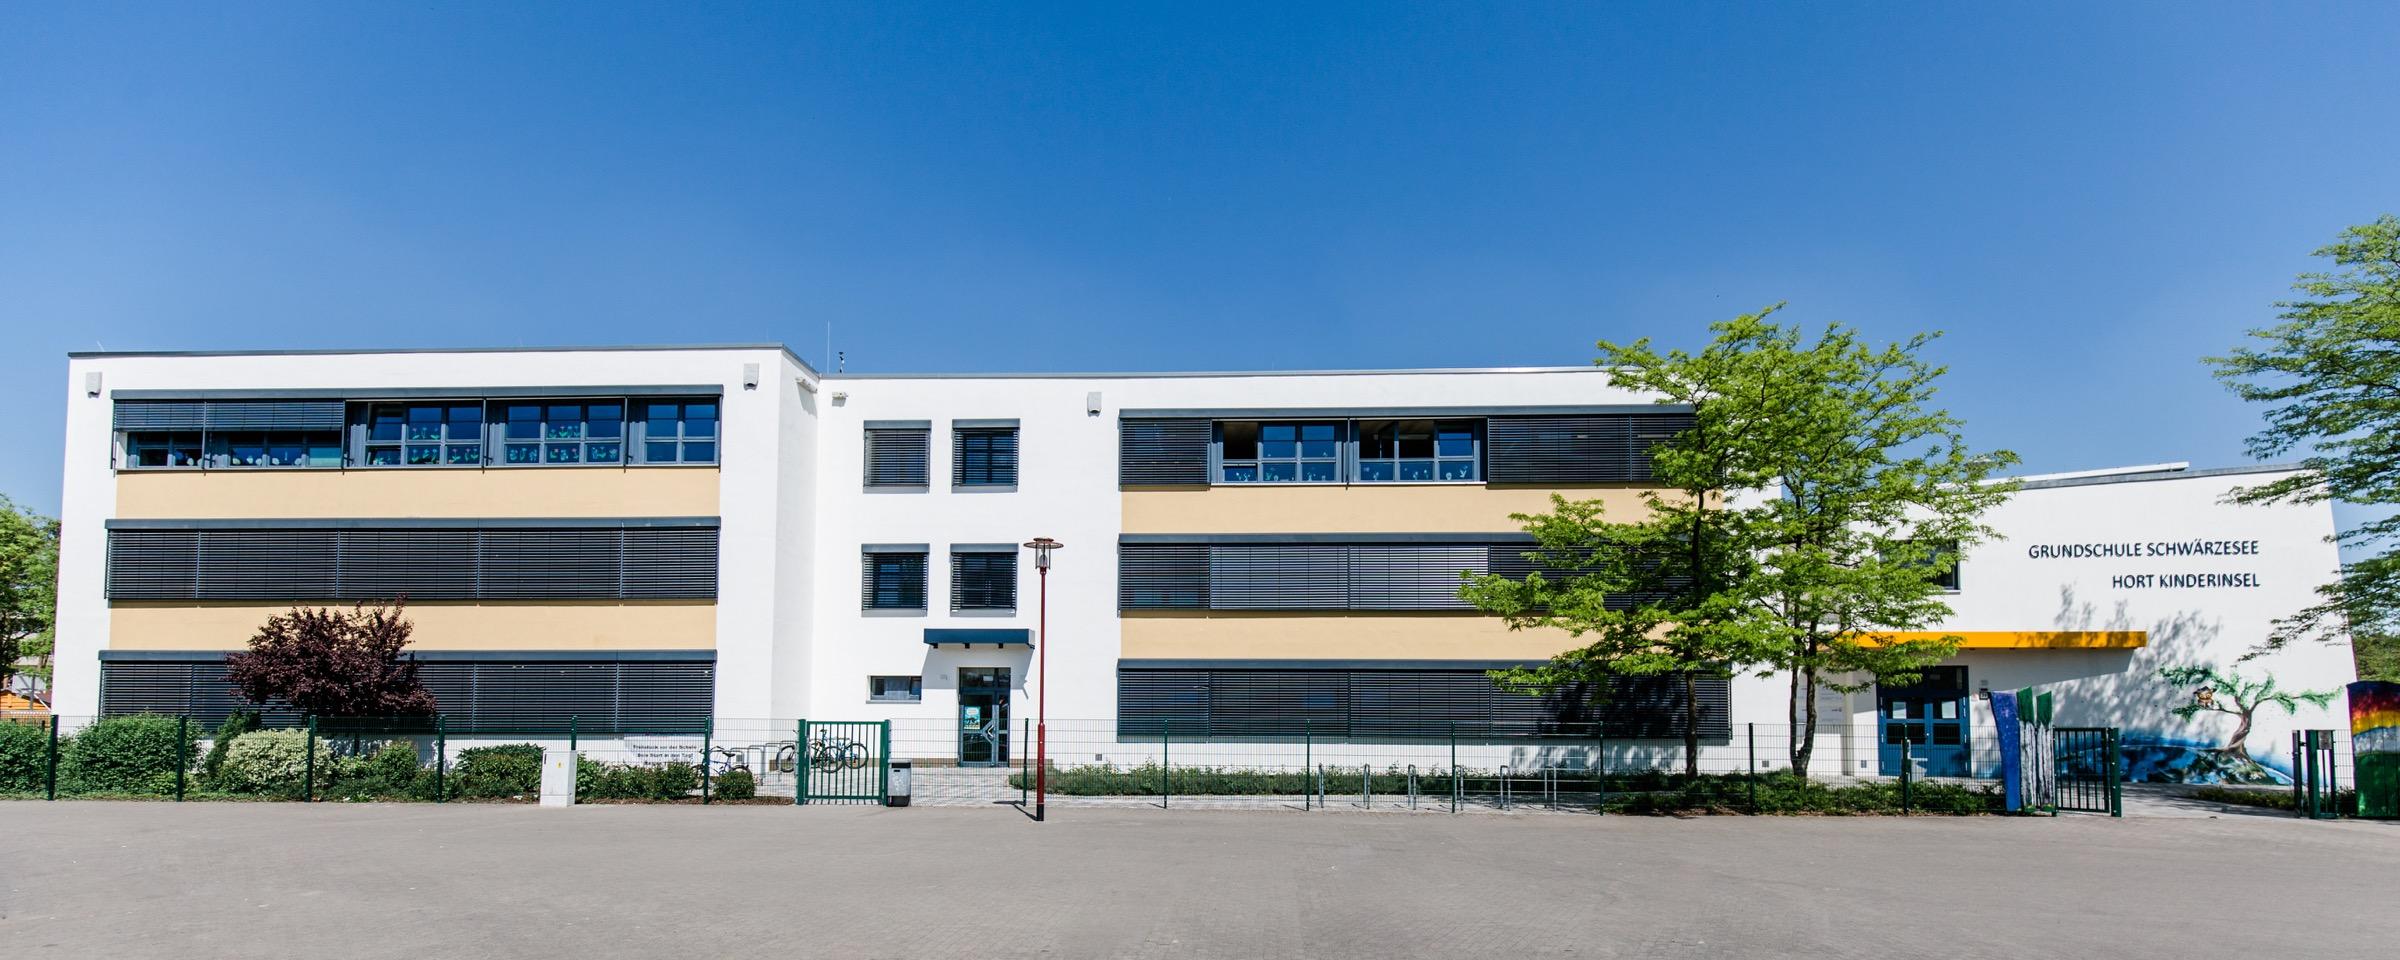 Grundschule Schwärzesee